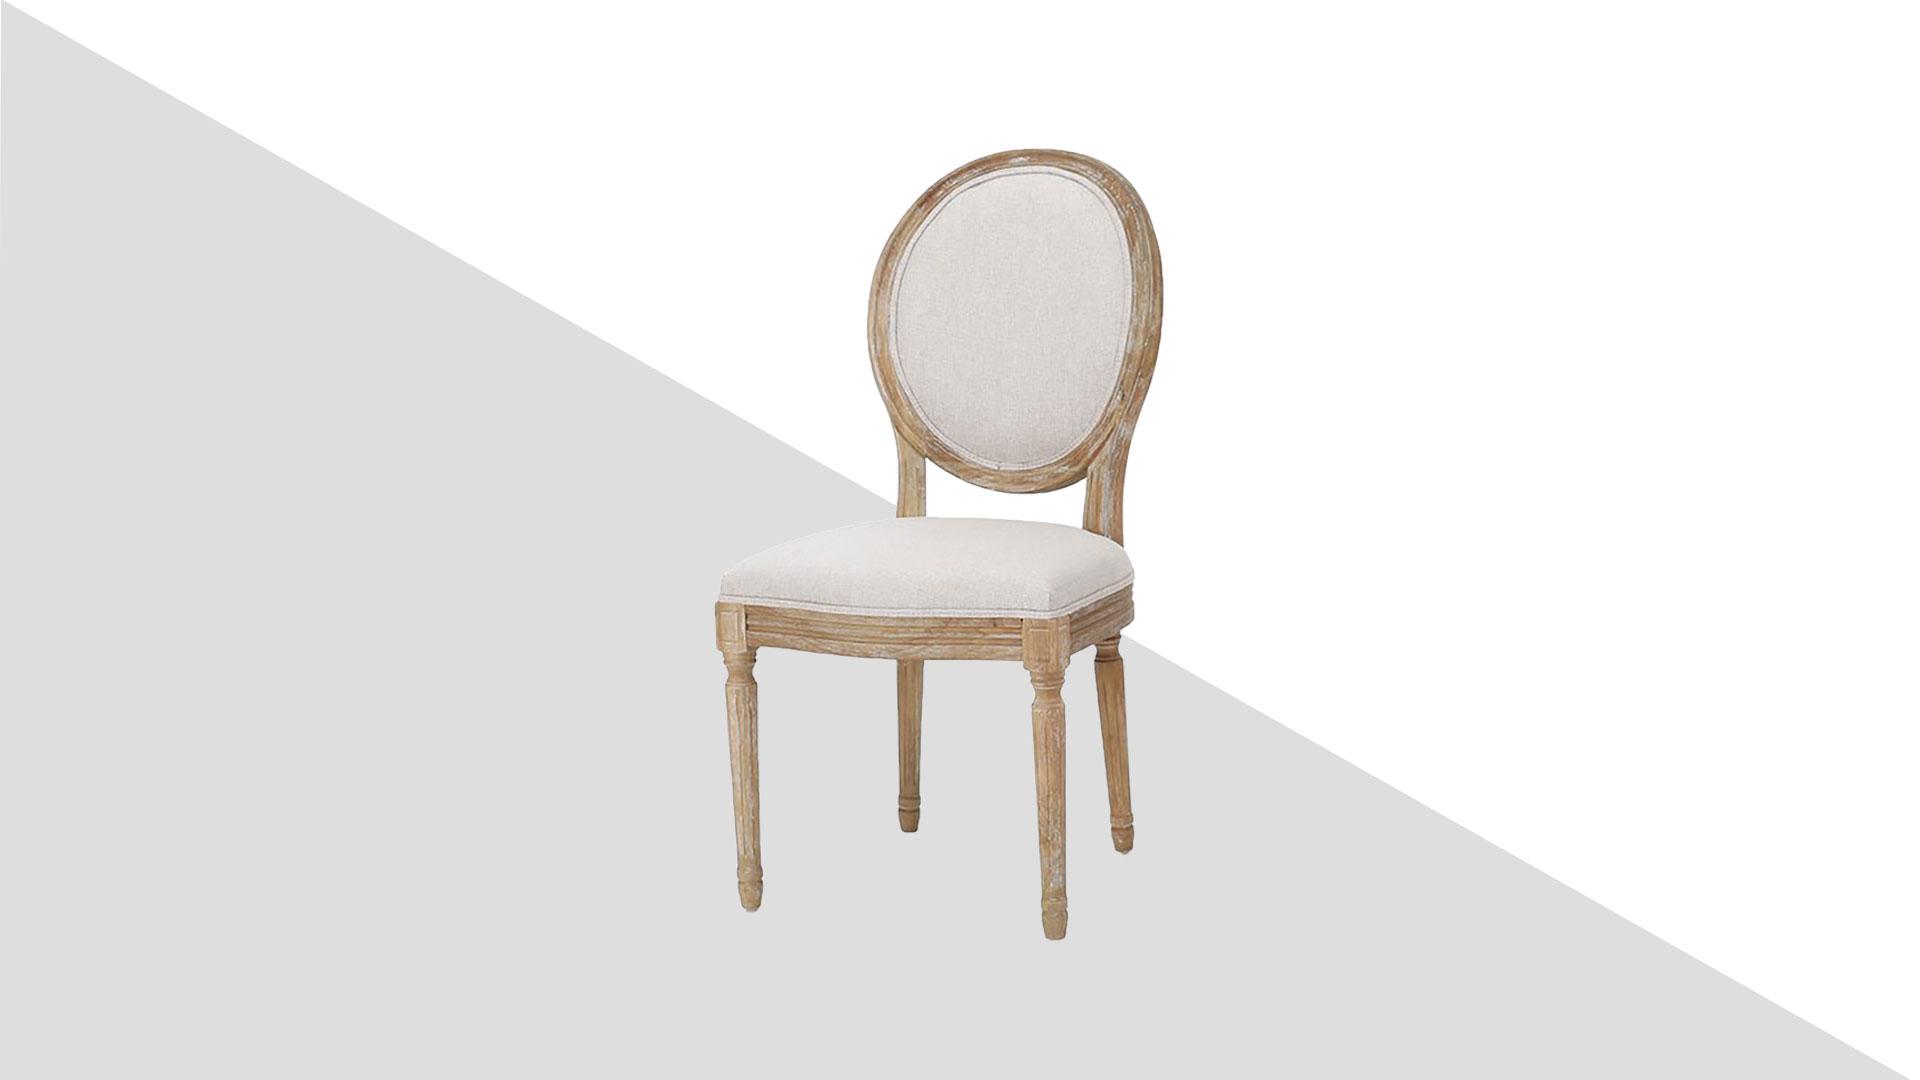 Скачать модель бежевого стула «Луи» (Louis) для работы вфотошопе